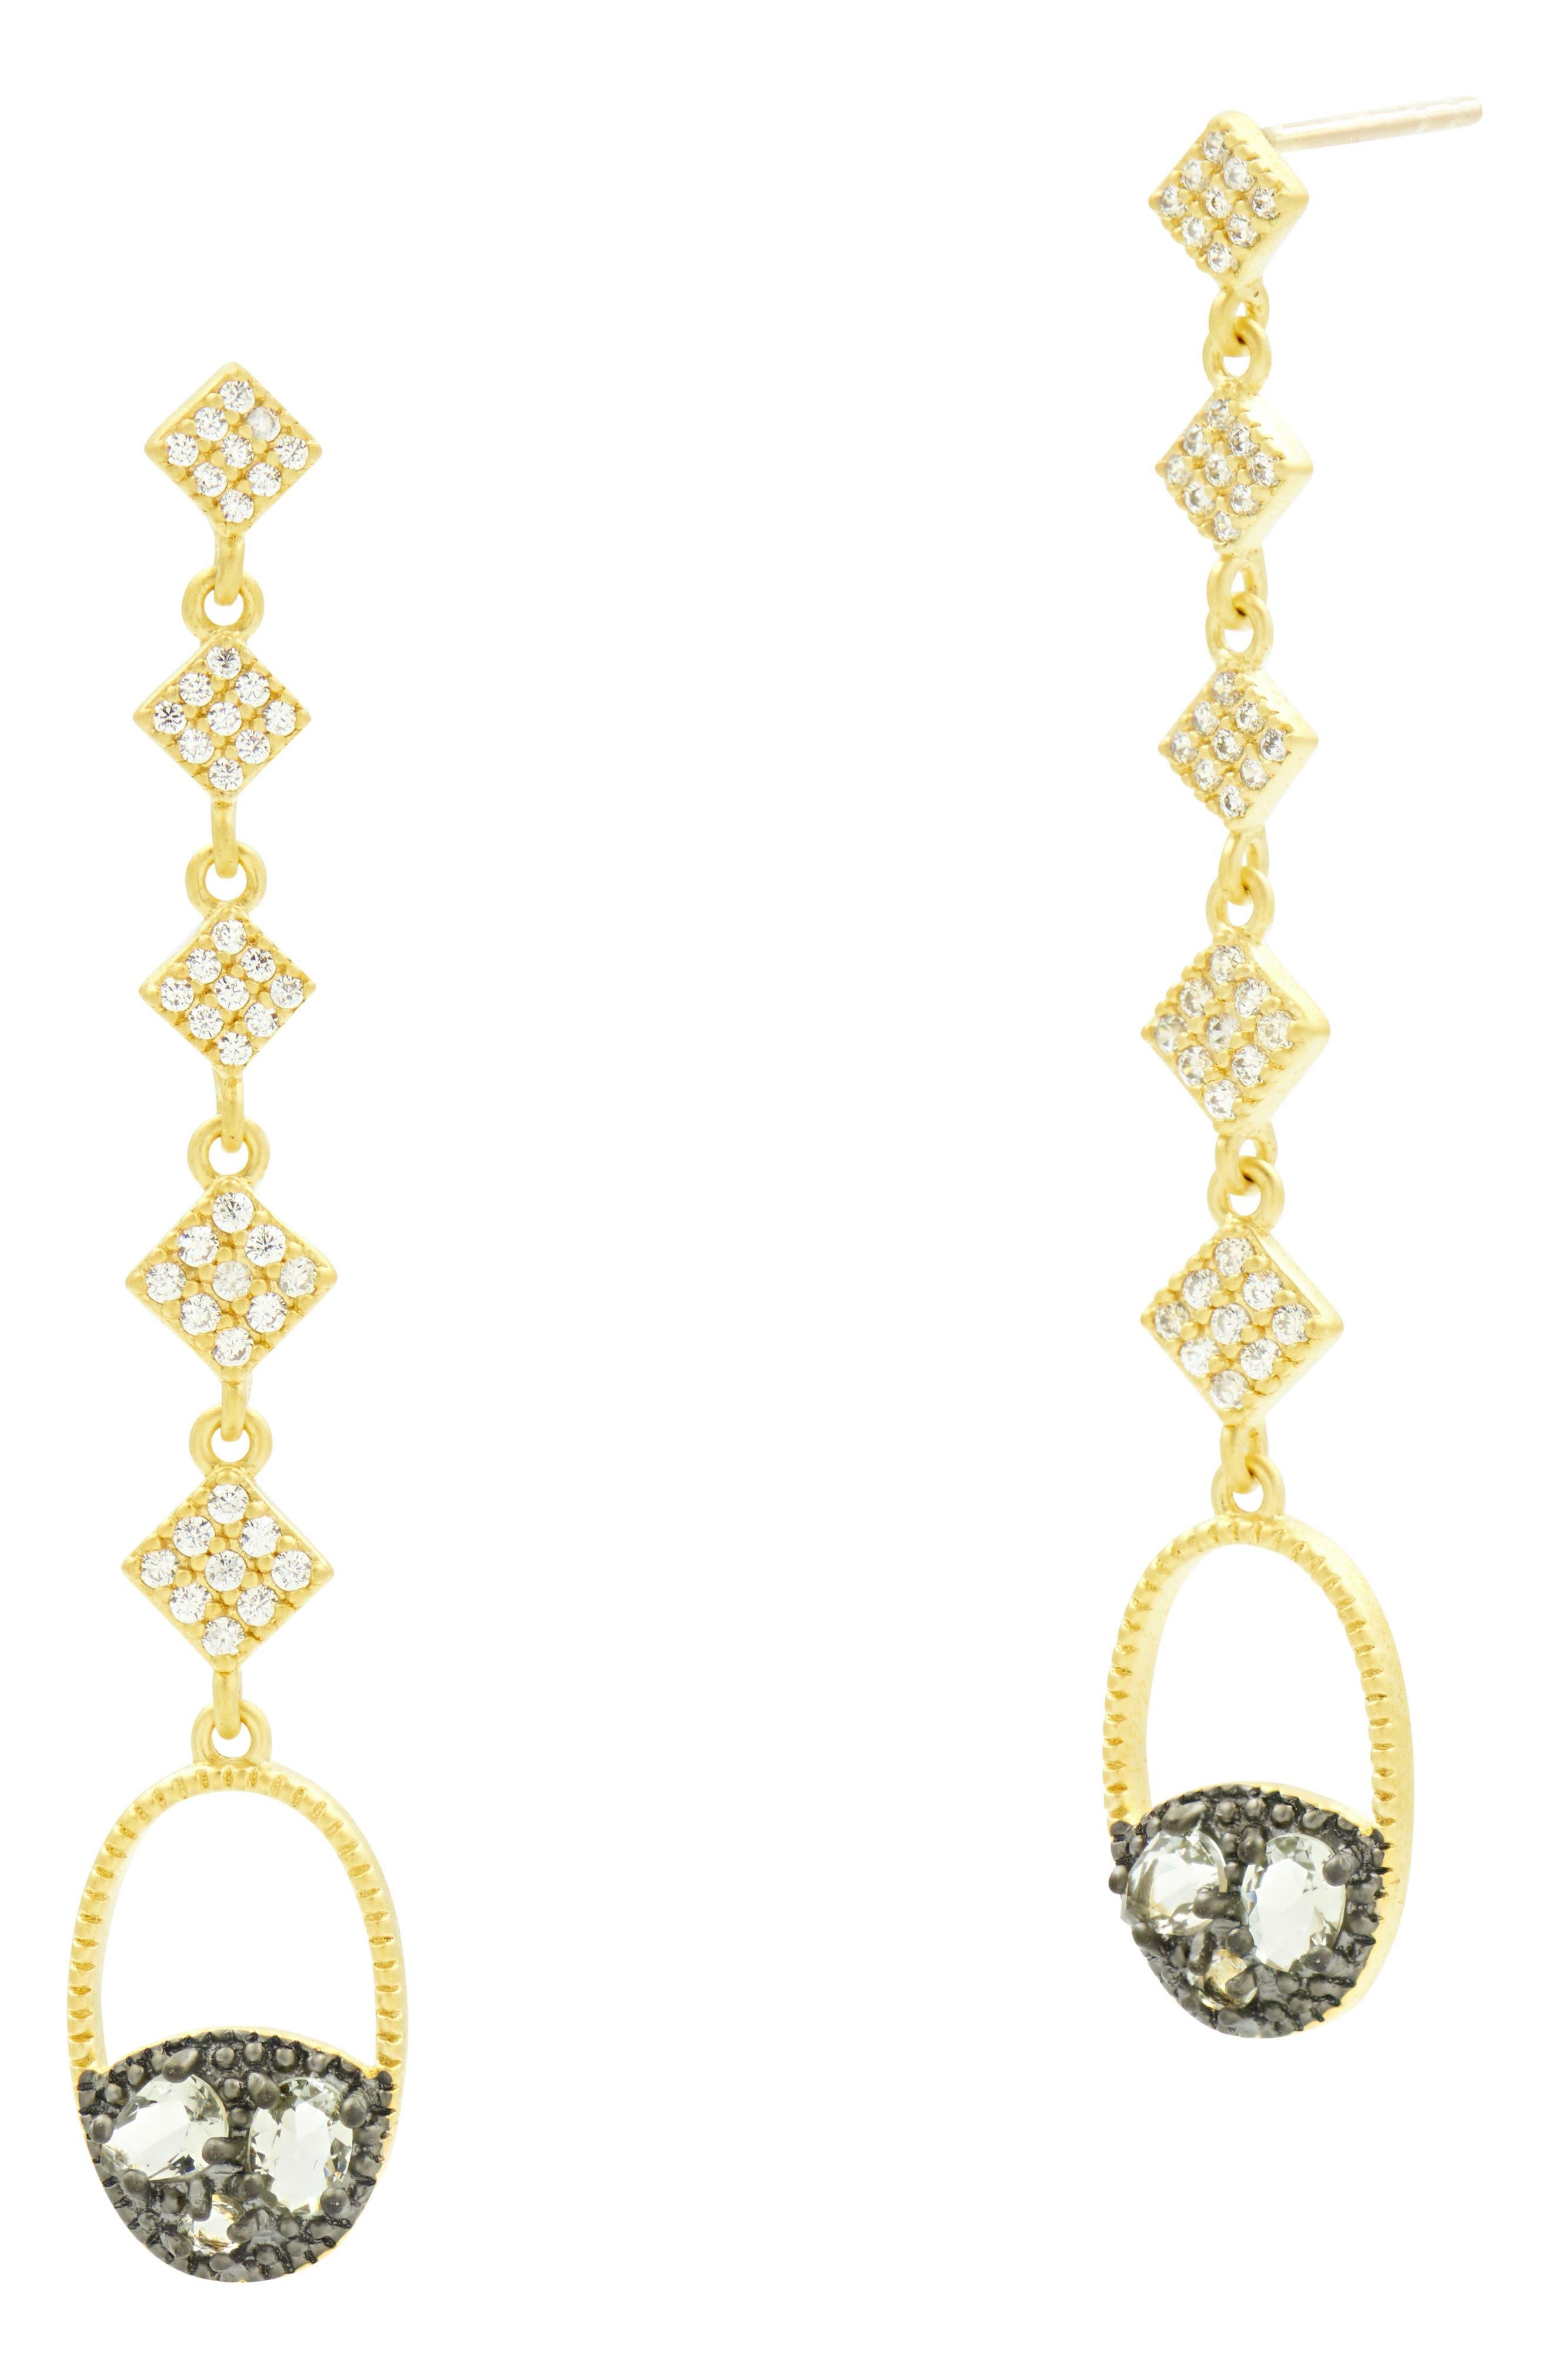 Rose Dor Drop Earrings,                             Main thumbnail 1, color,                             710